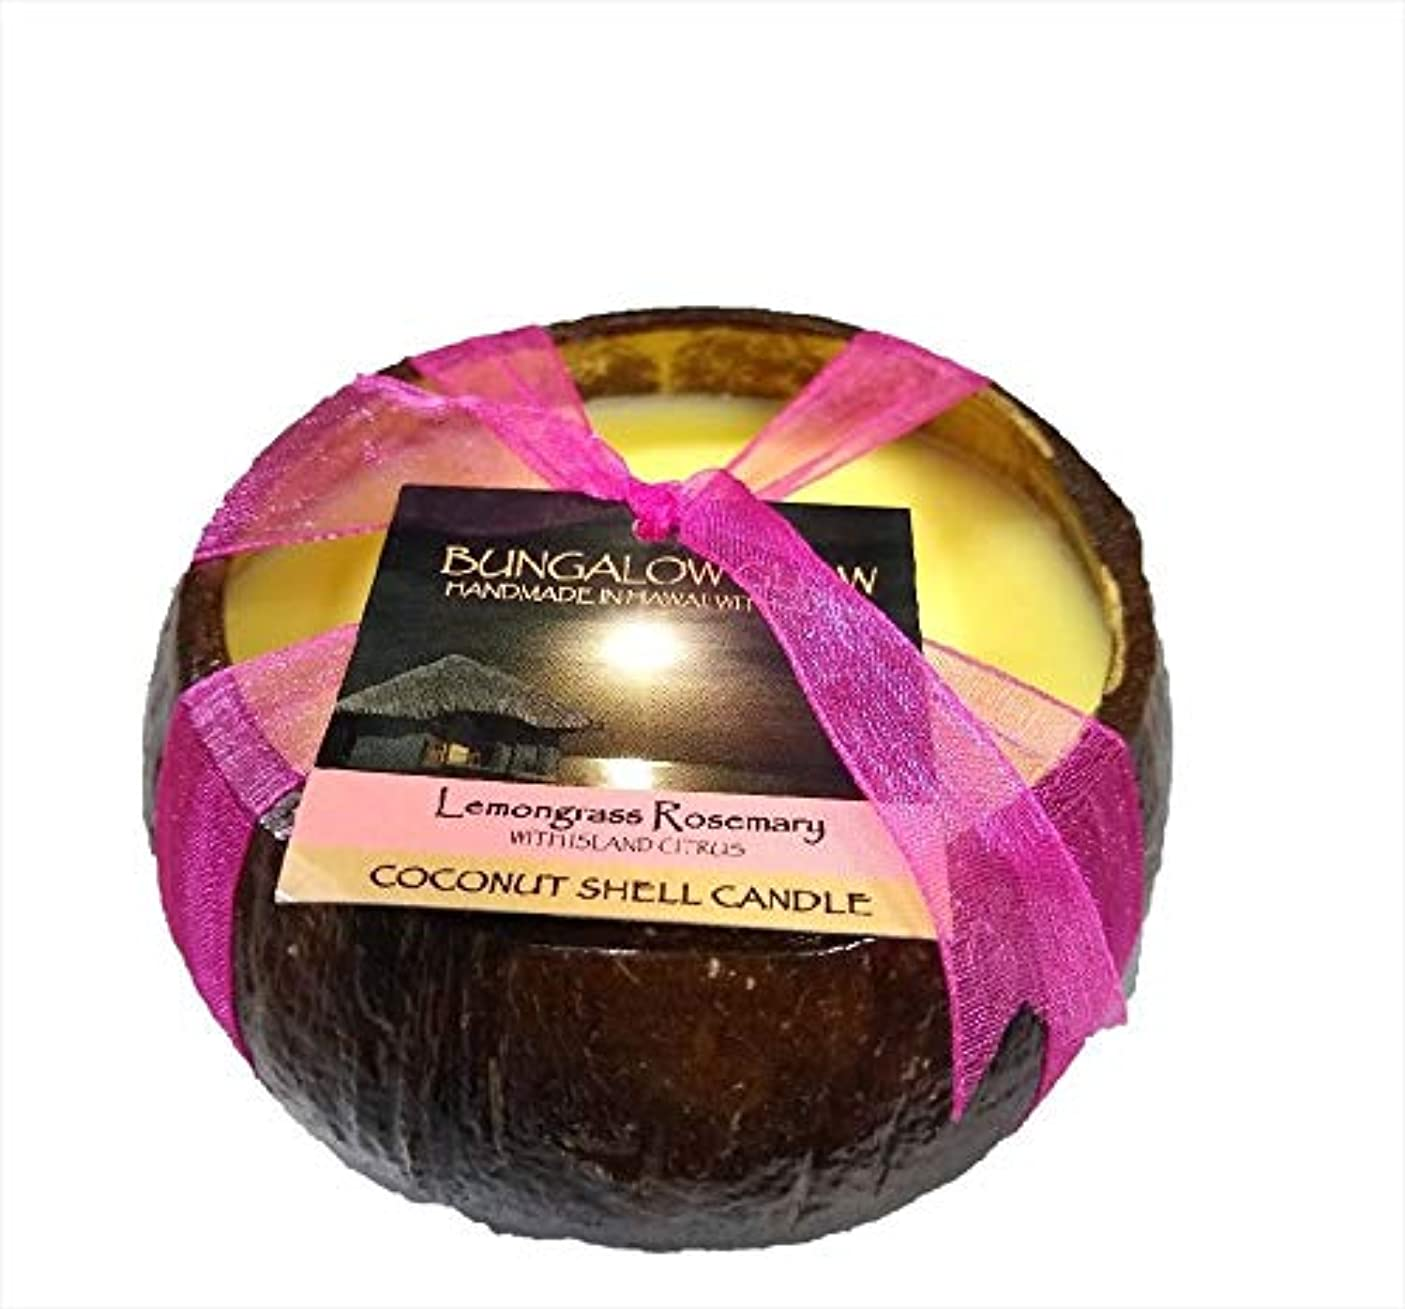 エンティティオリエンタル俳優【正規輸入品】 バブルシャック?ハワイ Bubble shack Coconut Shell candle ココナッツシェルキャンドル lemongrass rosemary レモングラスローズマリー 500g